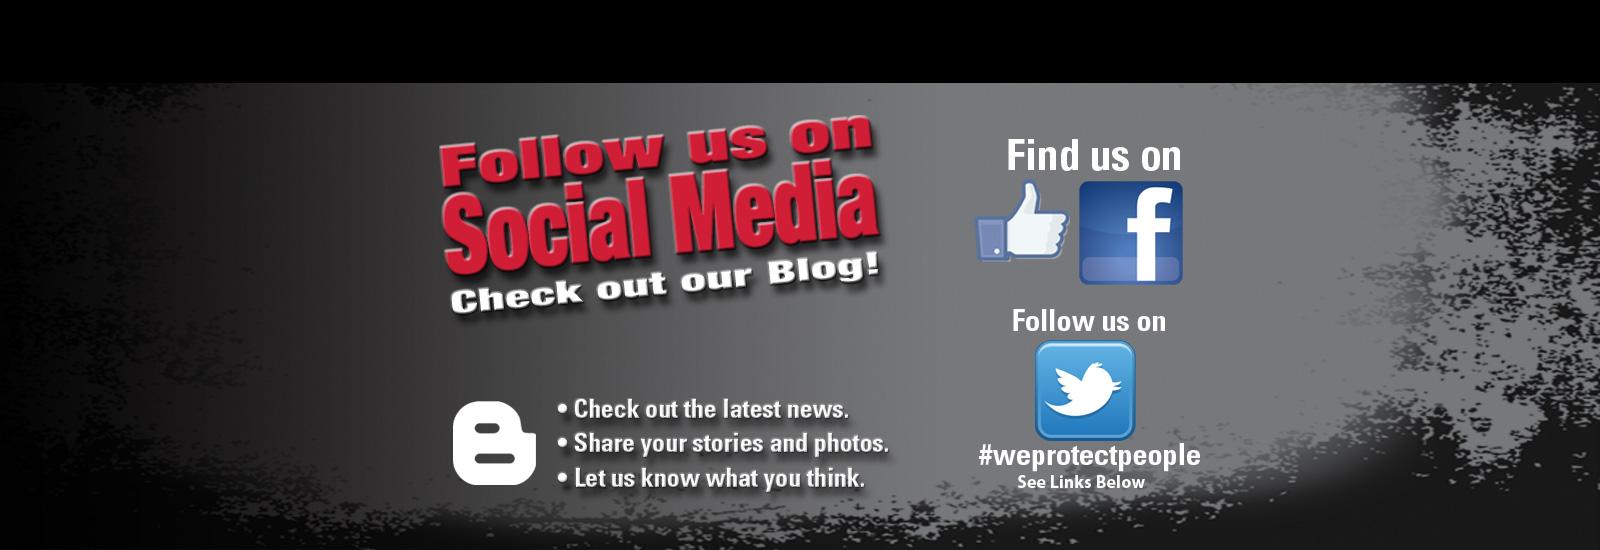 Visit Us On Social Media